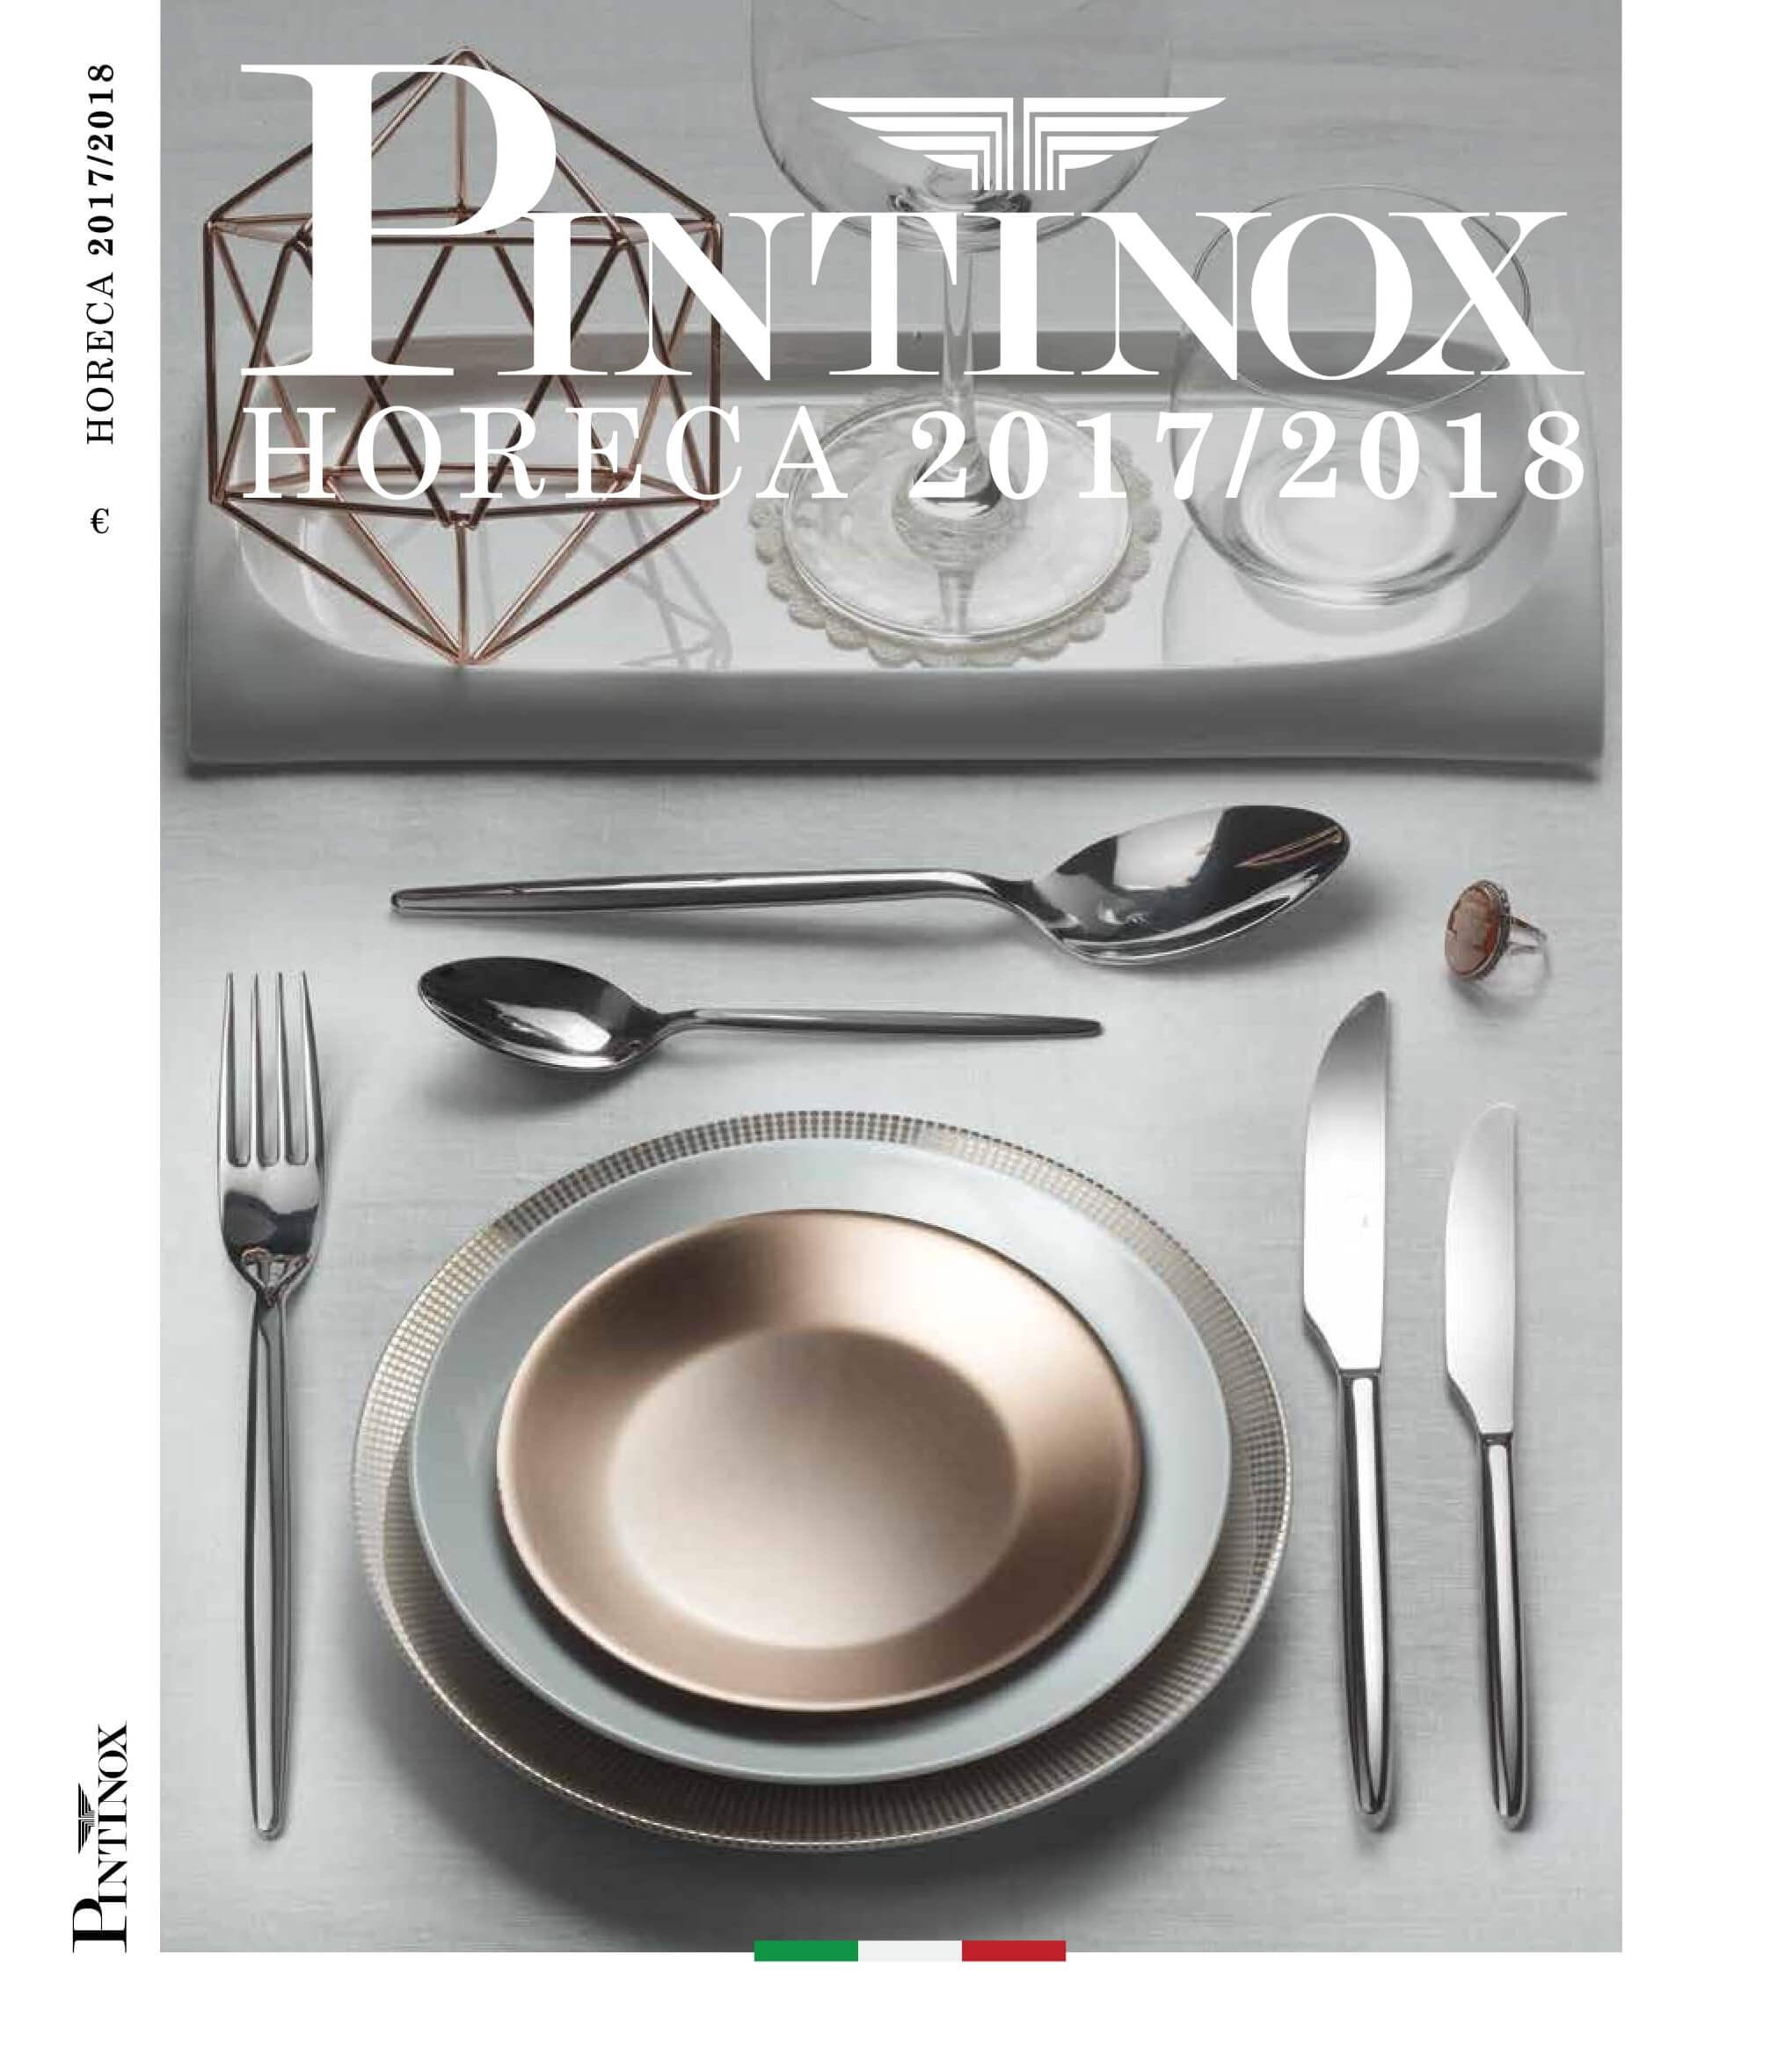 Catalogo Horeca Pintinox 2017-18